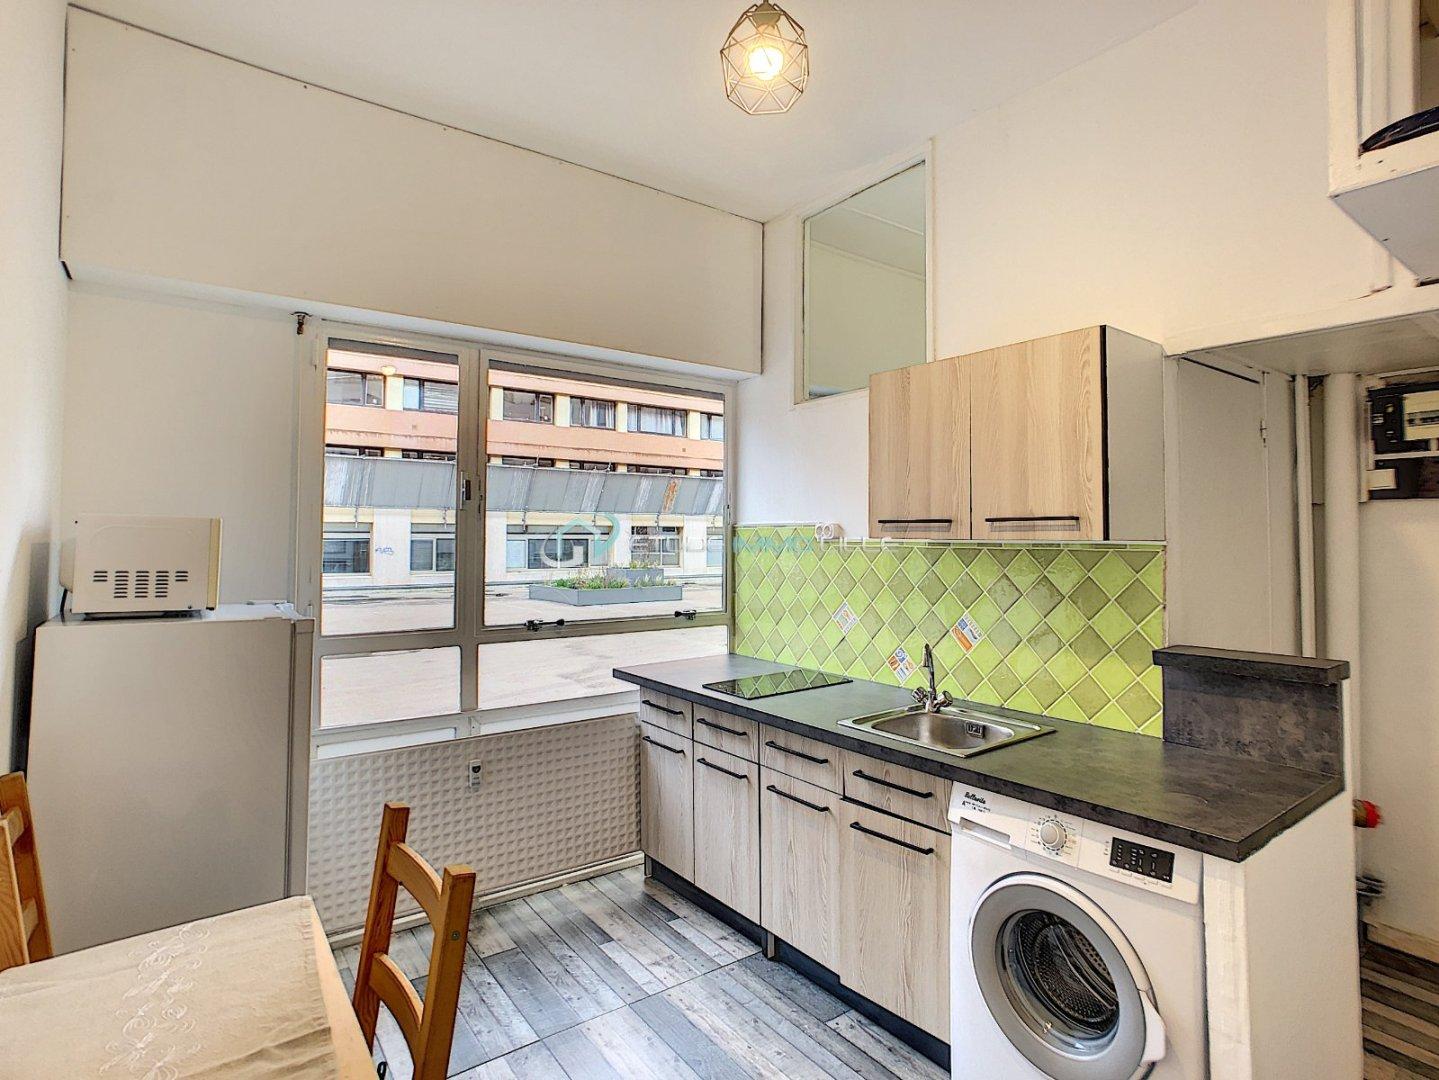 STUDIO A VENDRE - LILLE GARE - 13 m2 - 79500 €